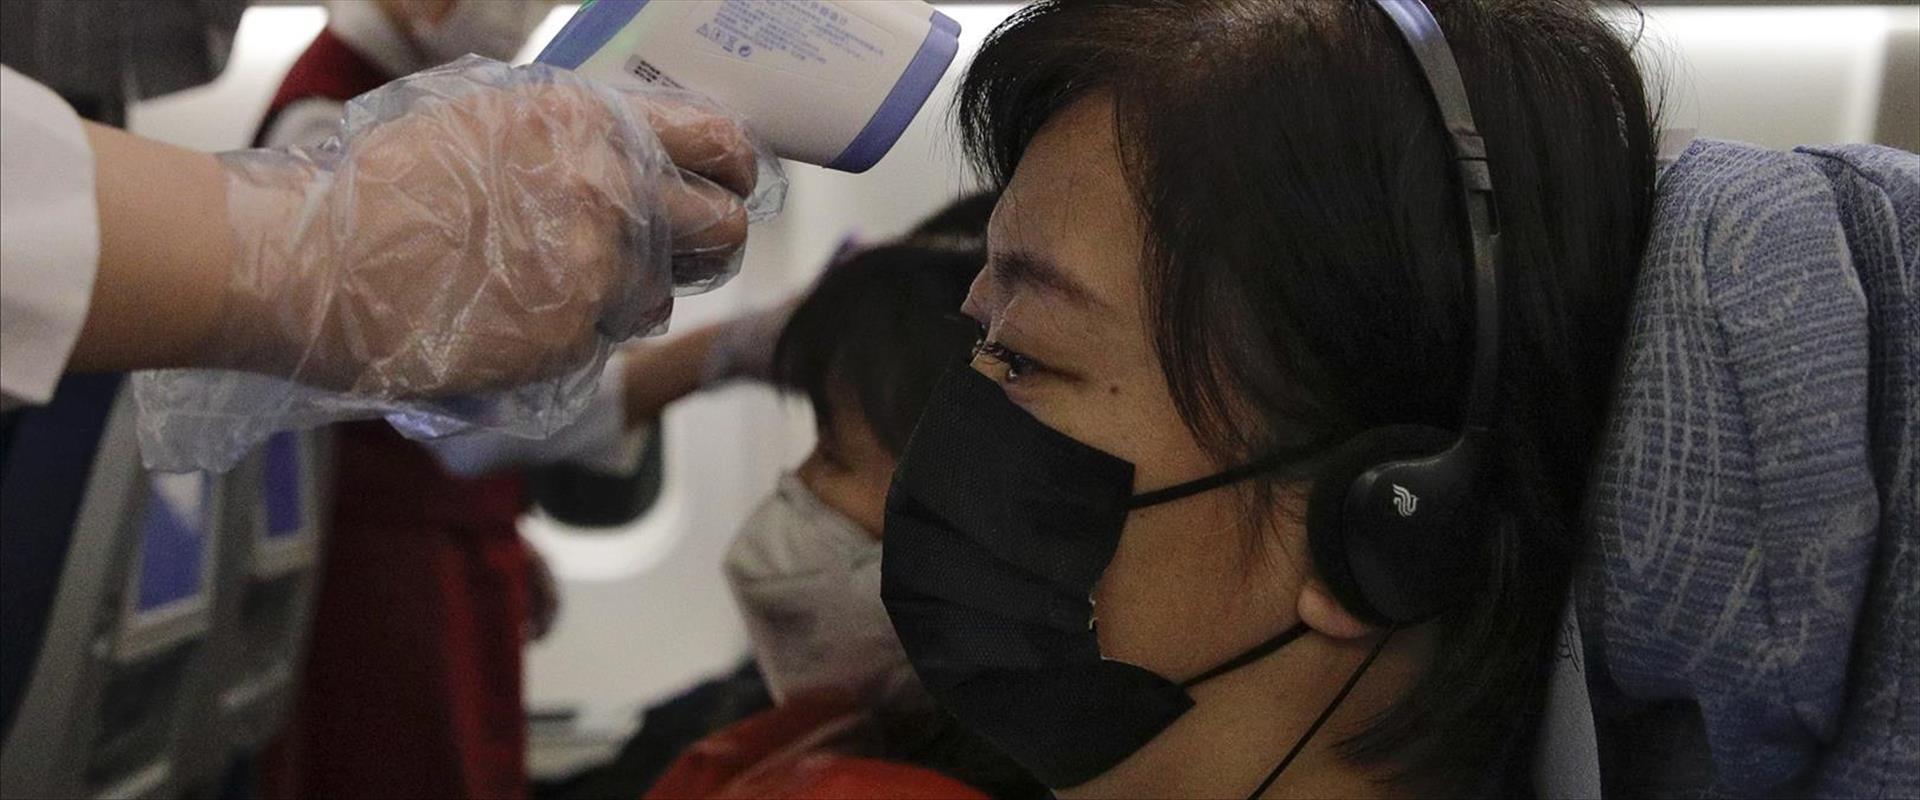 בדיקת נוסעים בחברת תעופה סינית